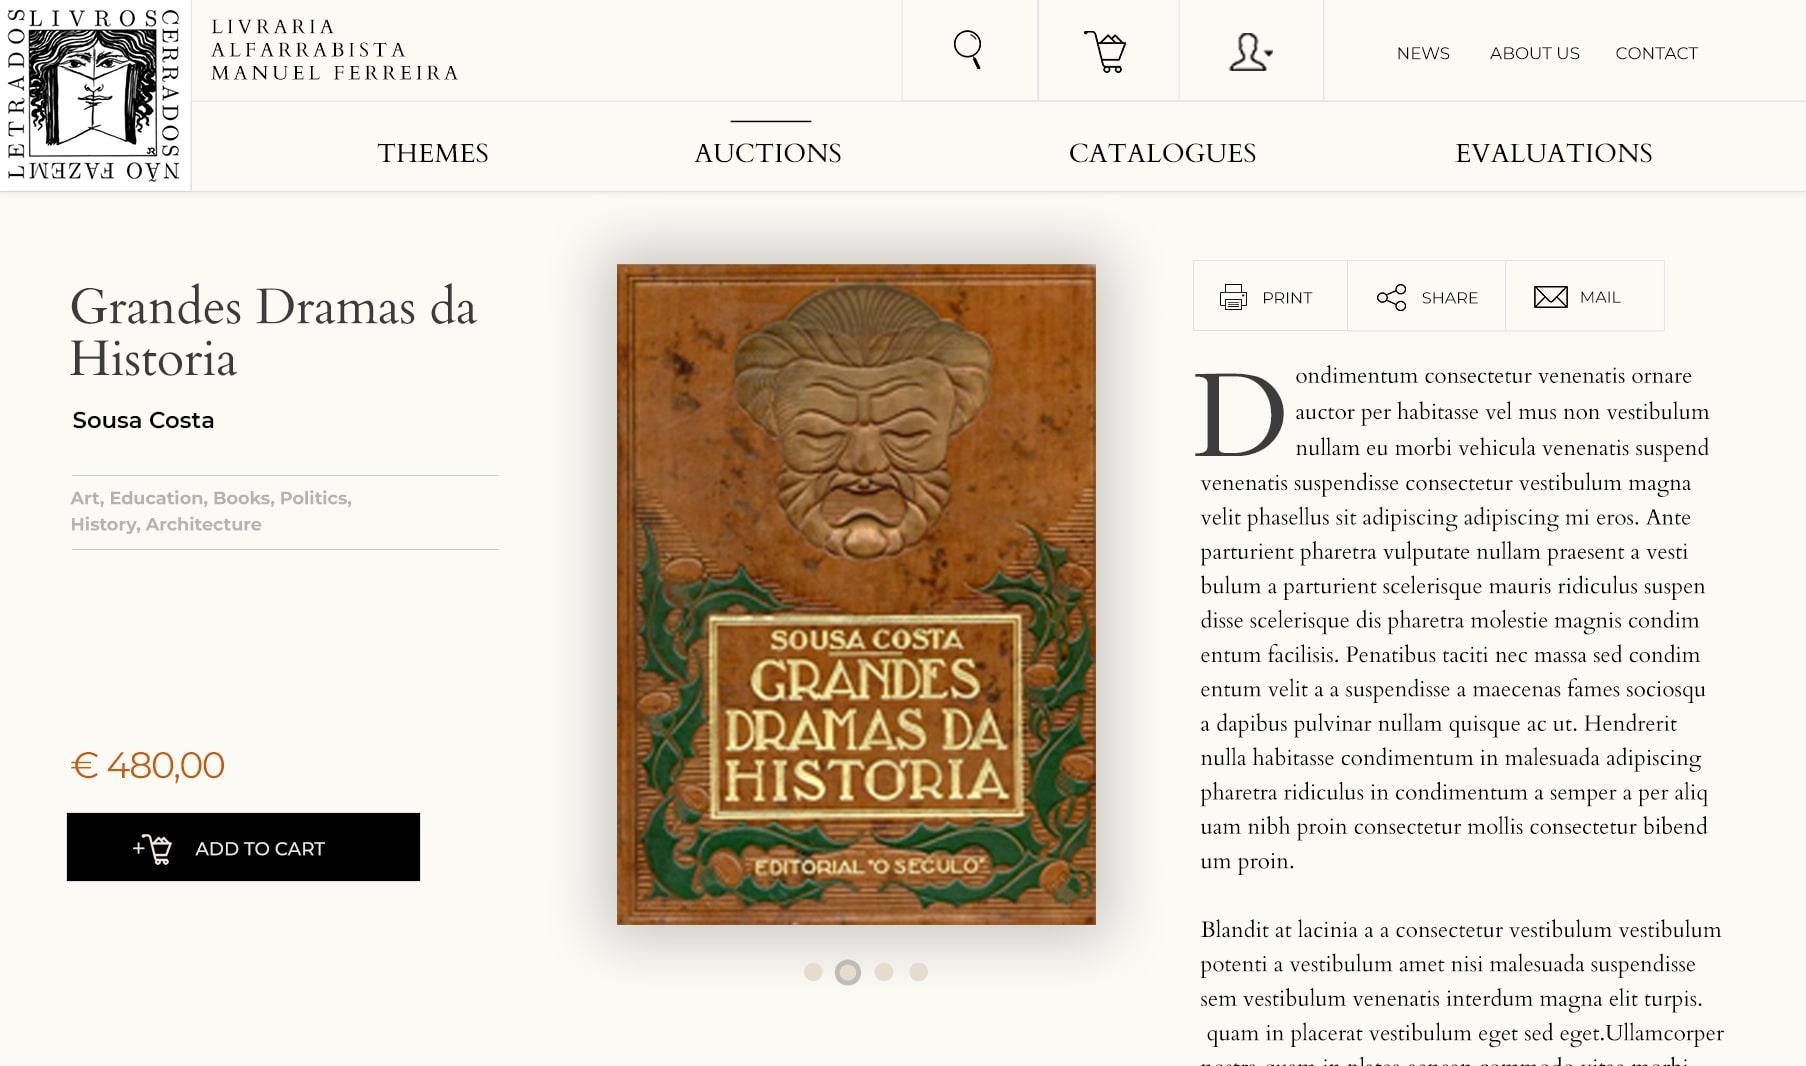 Livraria Manuel Ferreira - Portfolio Image2